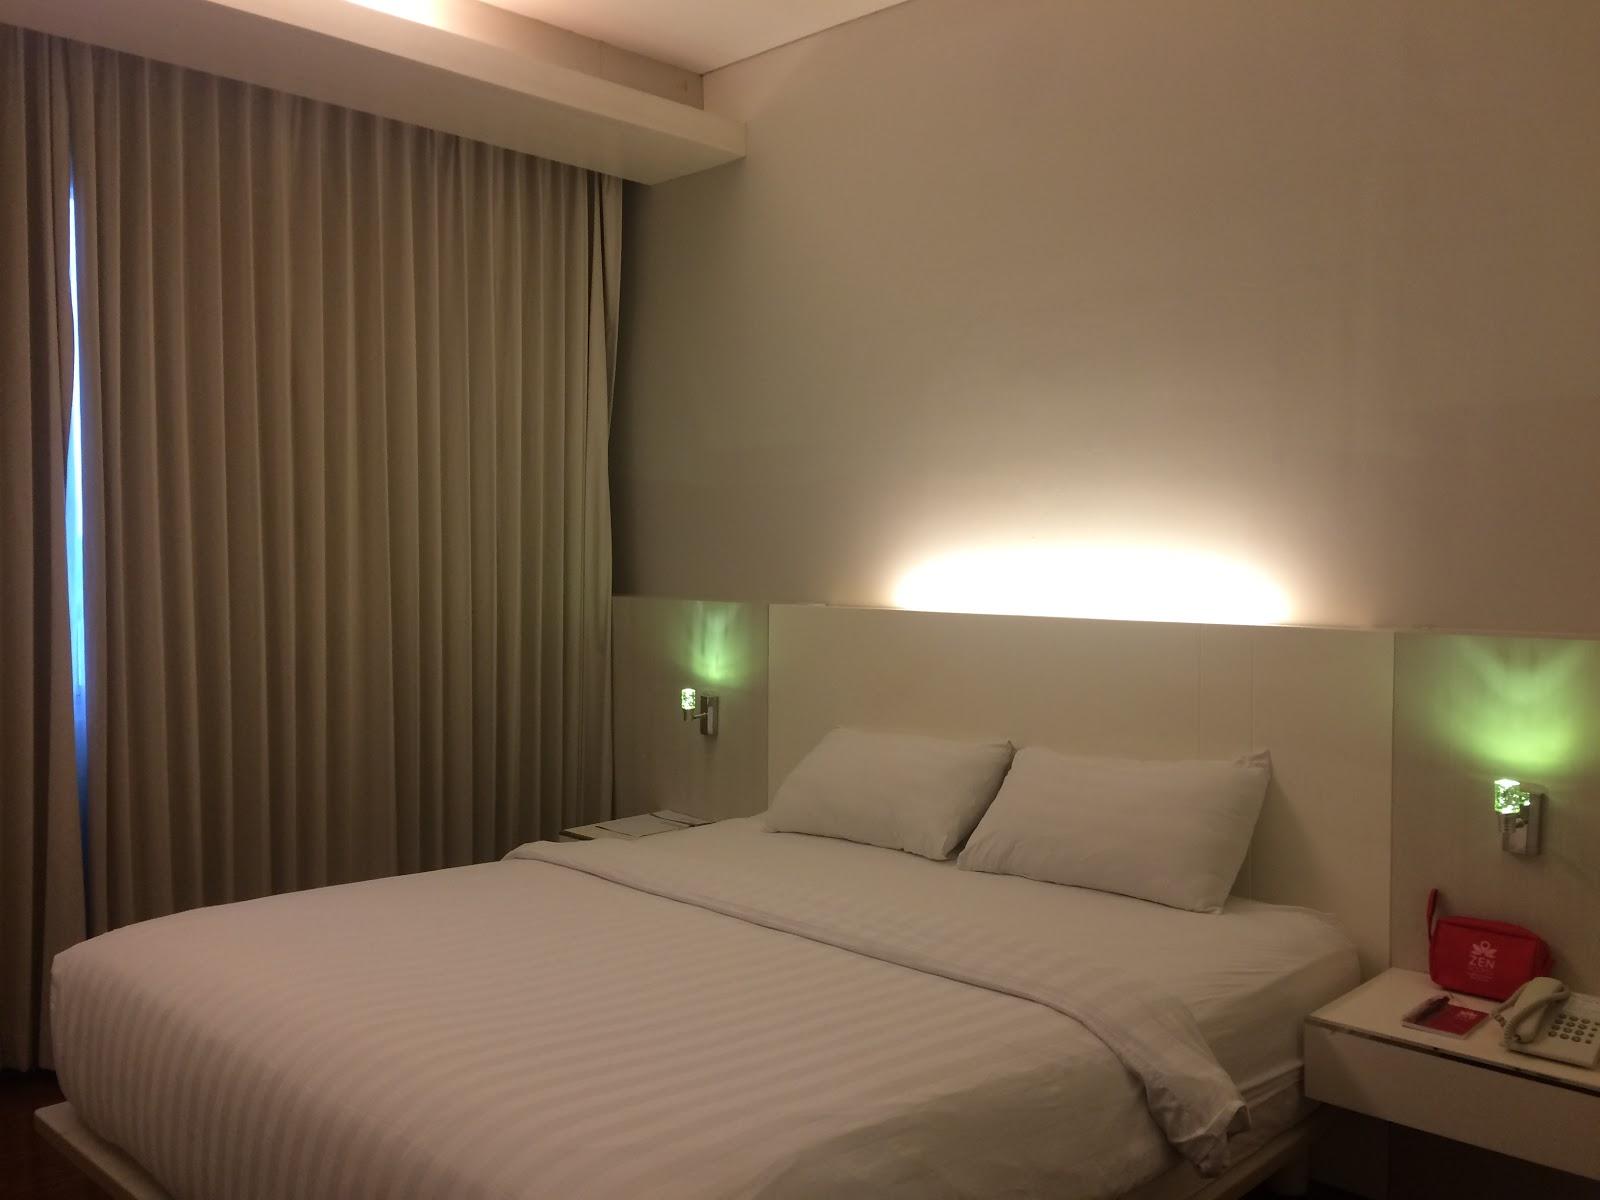 Pesan Hotel Murah Dan Nyaman Di Surabaya Melalui ZEN Rooms